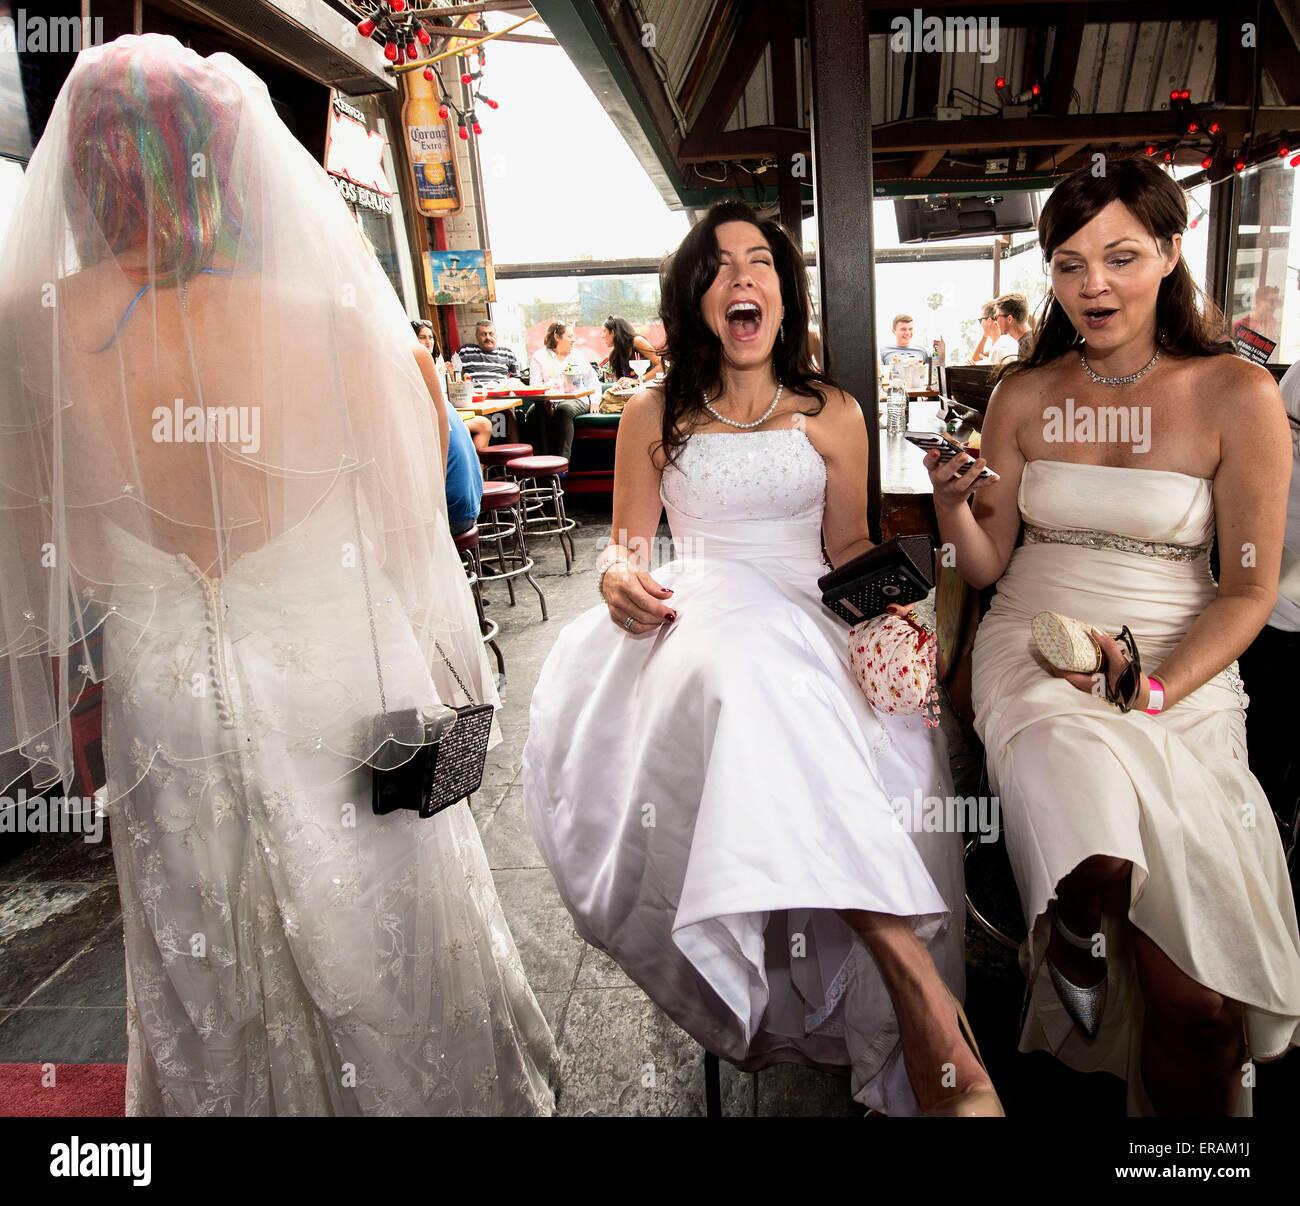 Groß Kleid Für Marsch Hochzeit Bilder - Brautkleider Ideen ...